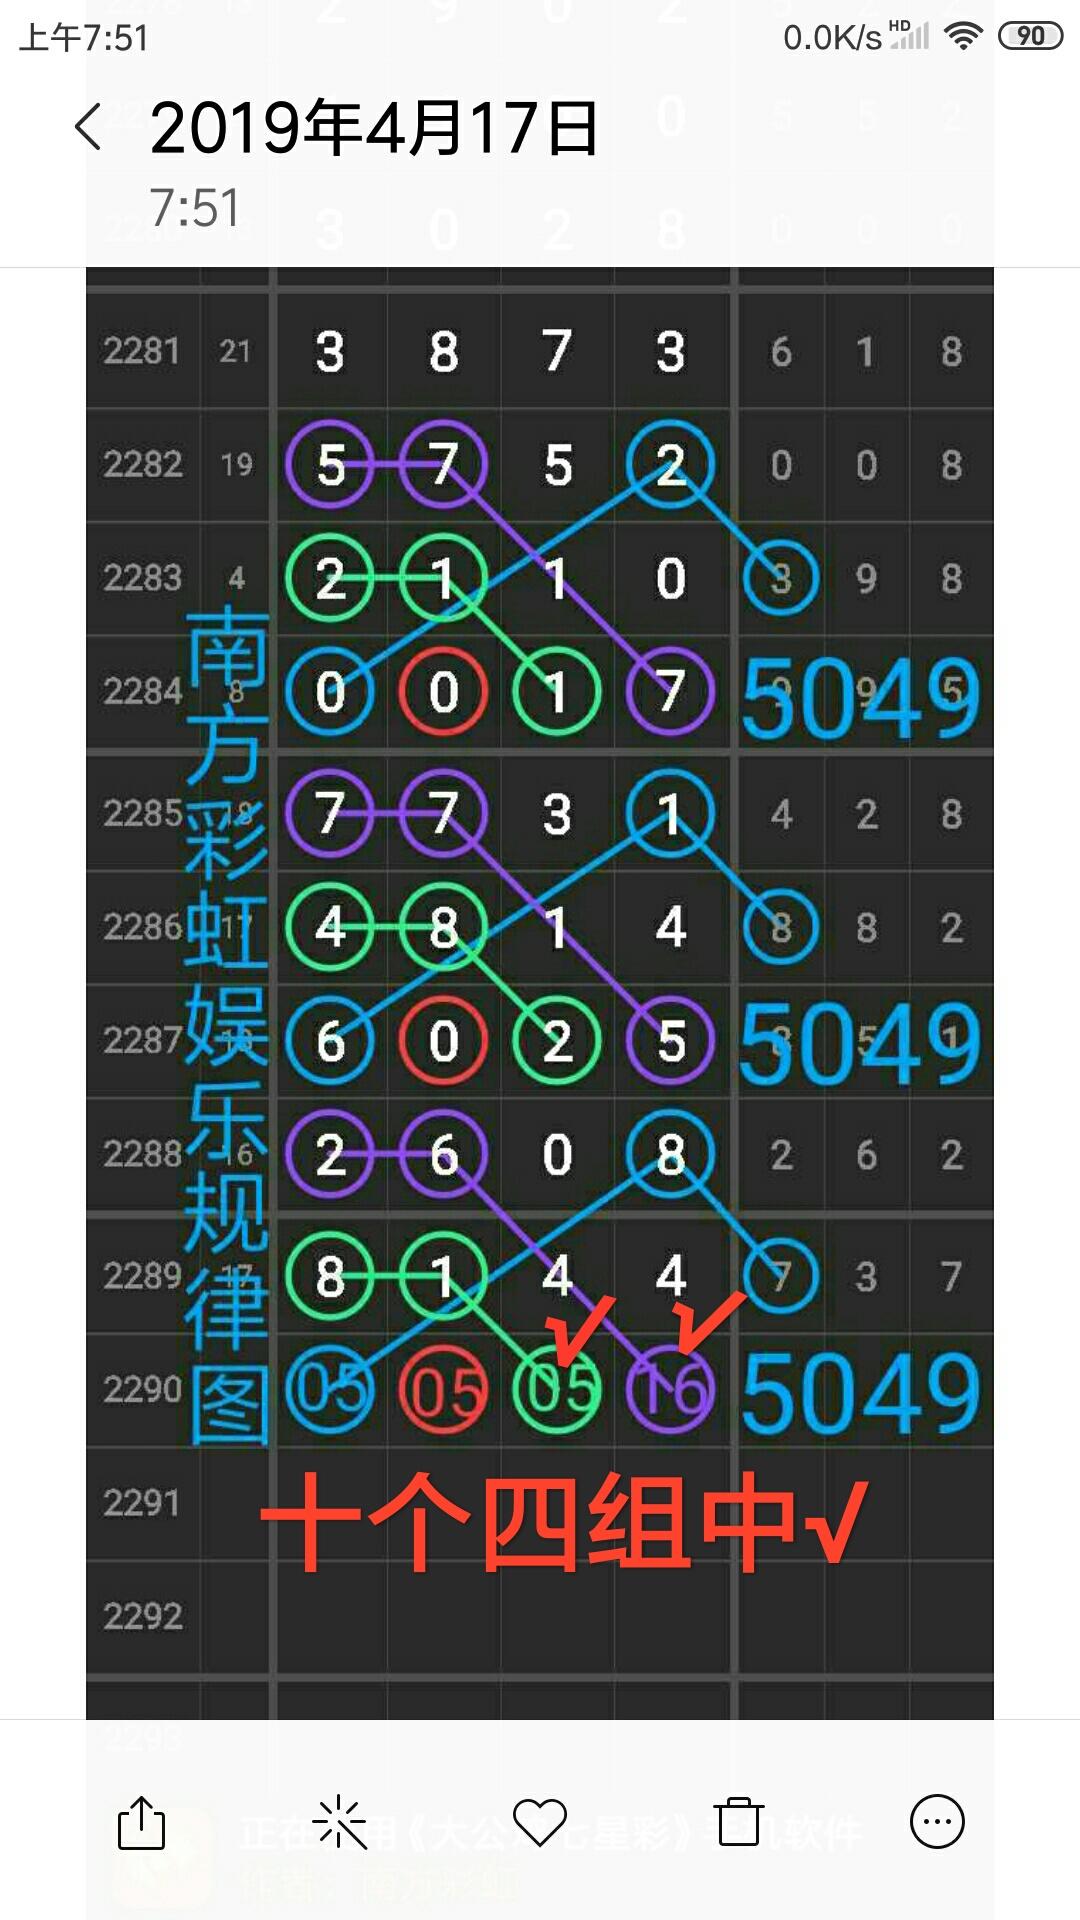 七星彩2290期规律图